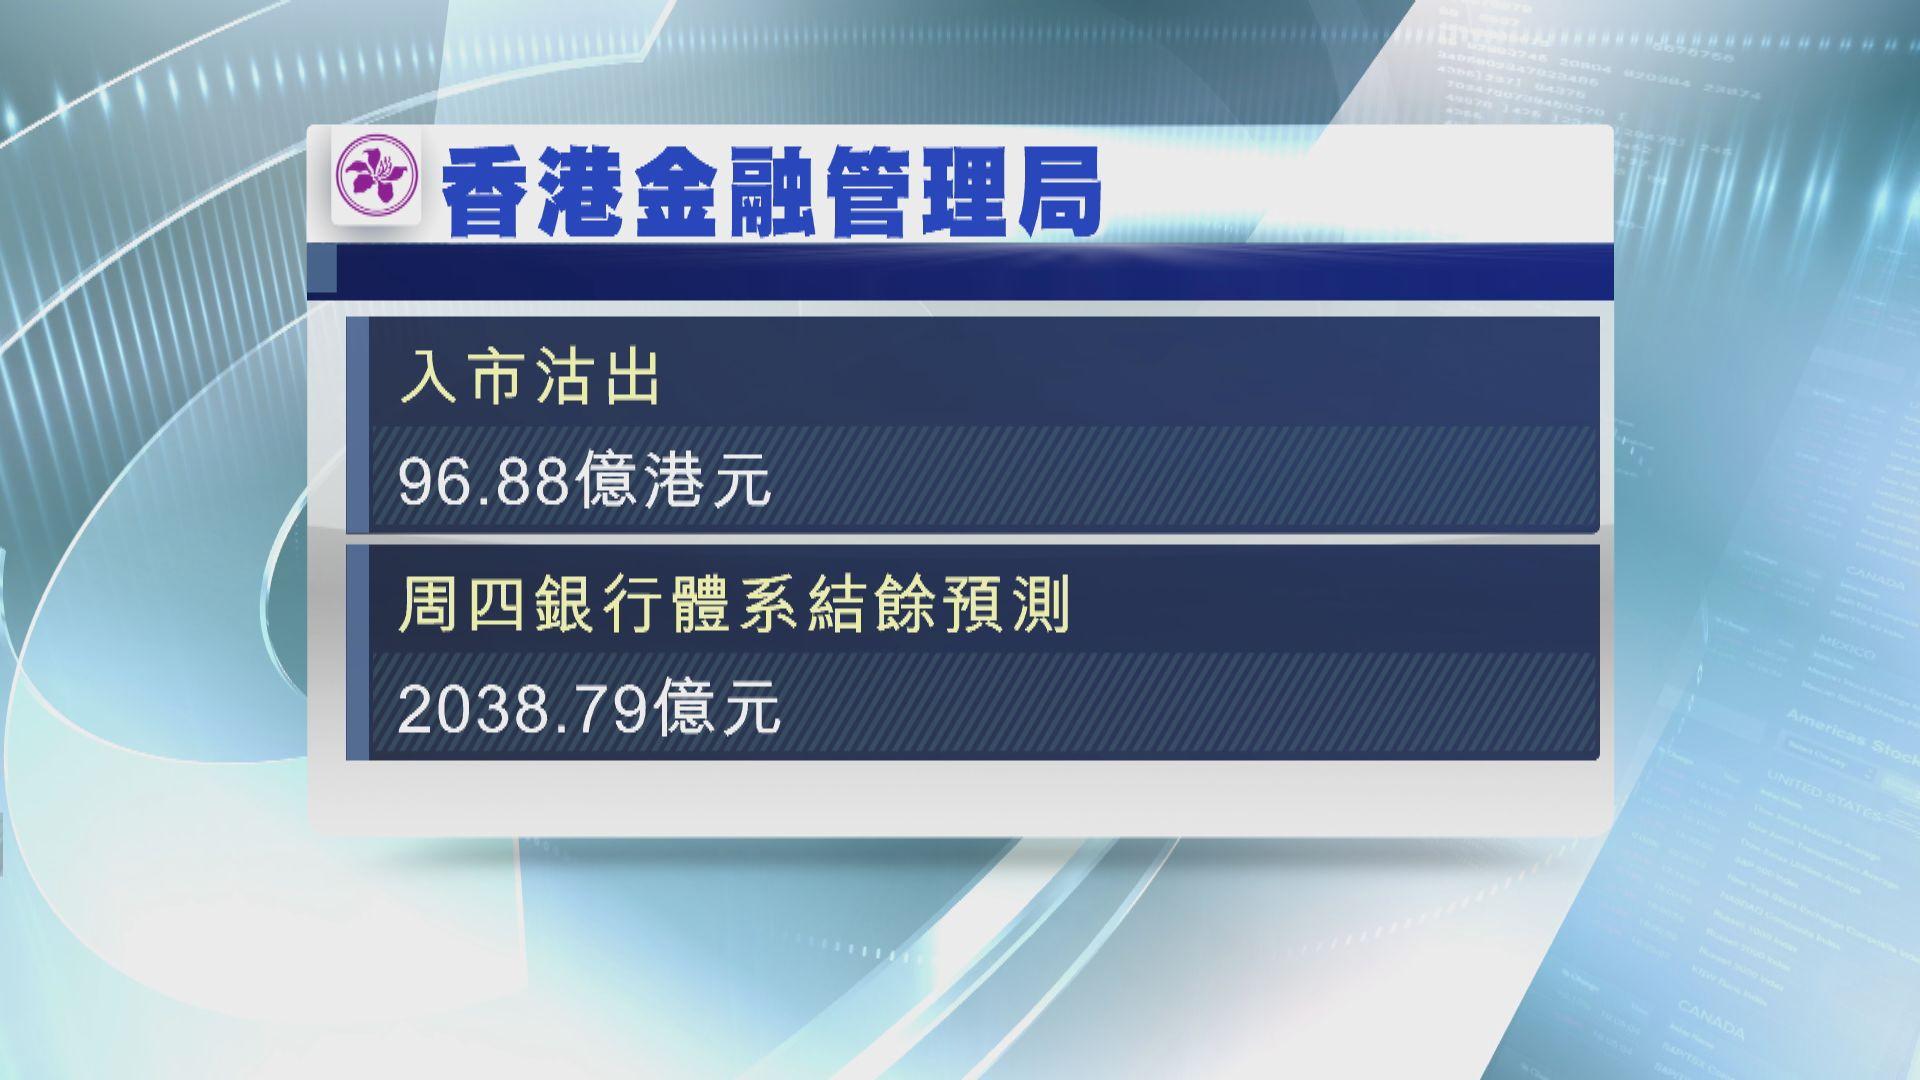 金管局買美元 沽逾96億港元 為7月初以來最大規模